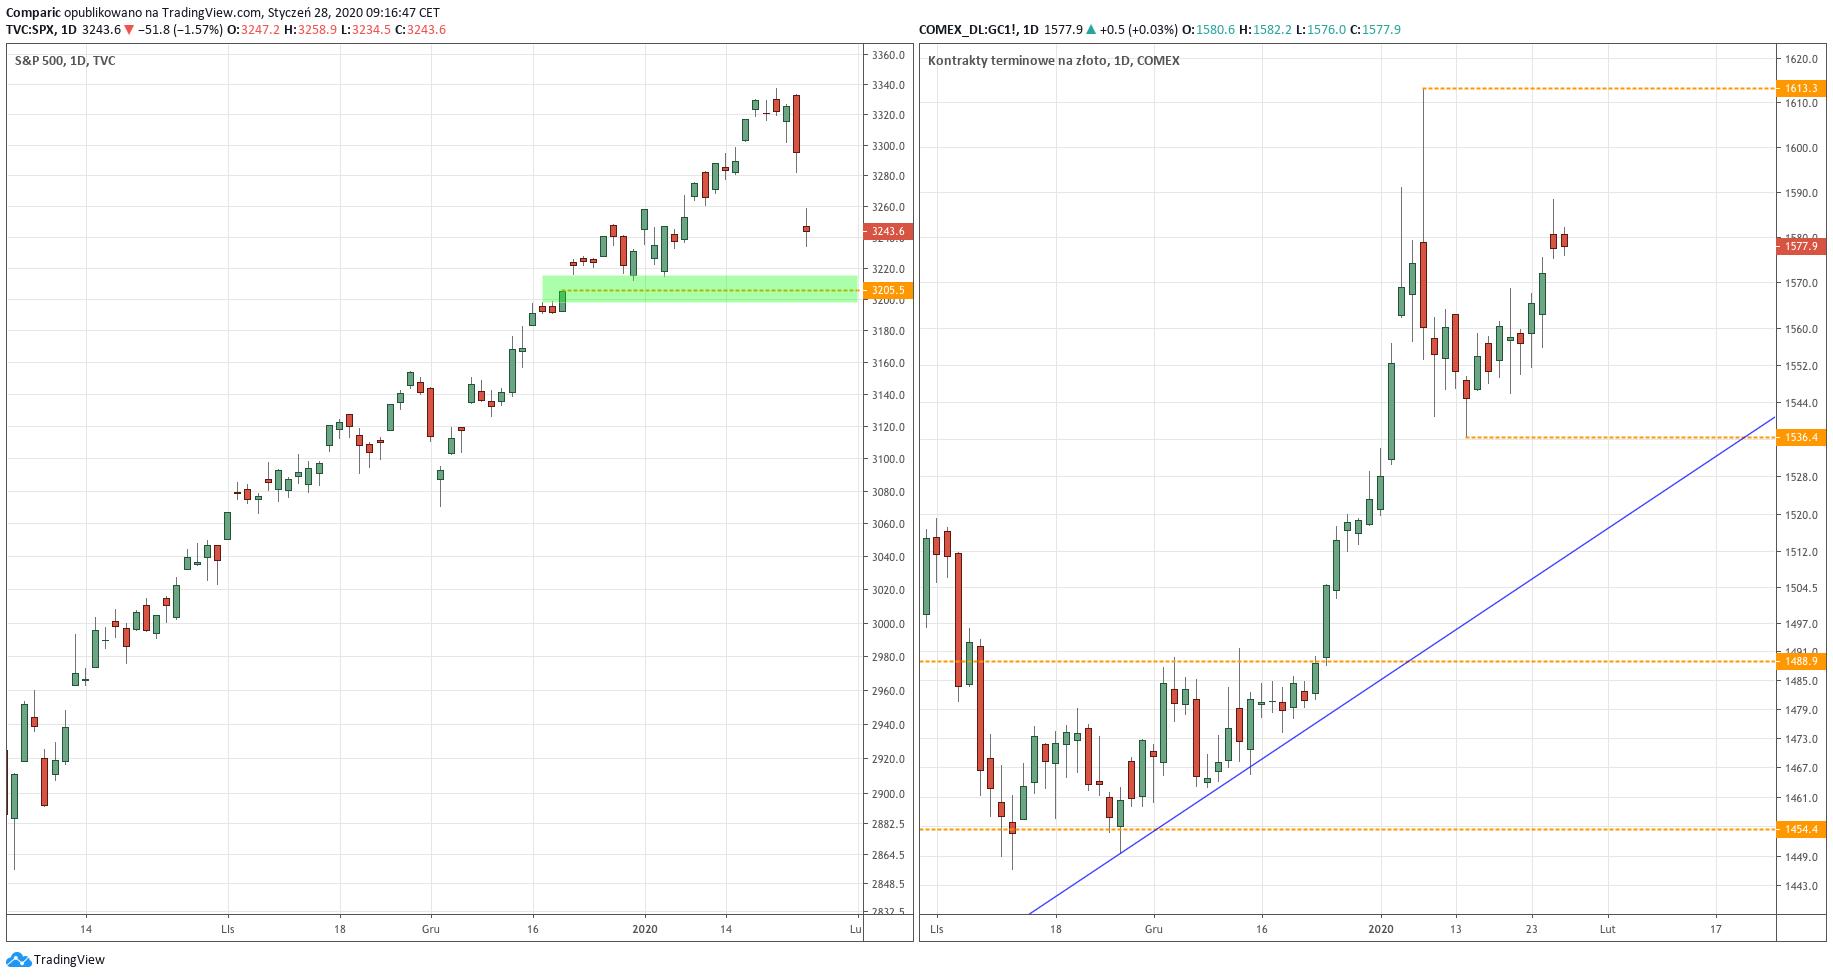 Od lewej: wykres dzienny indeksu S&P 500 oraz kontraktów terminowych na złoto - 28.01.2020 r.